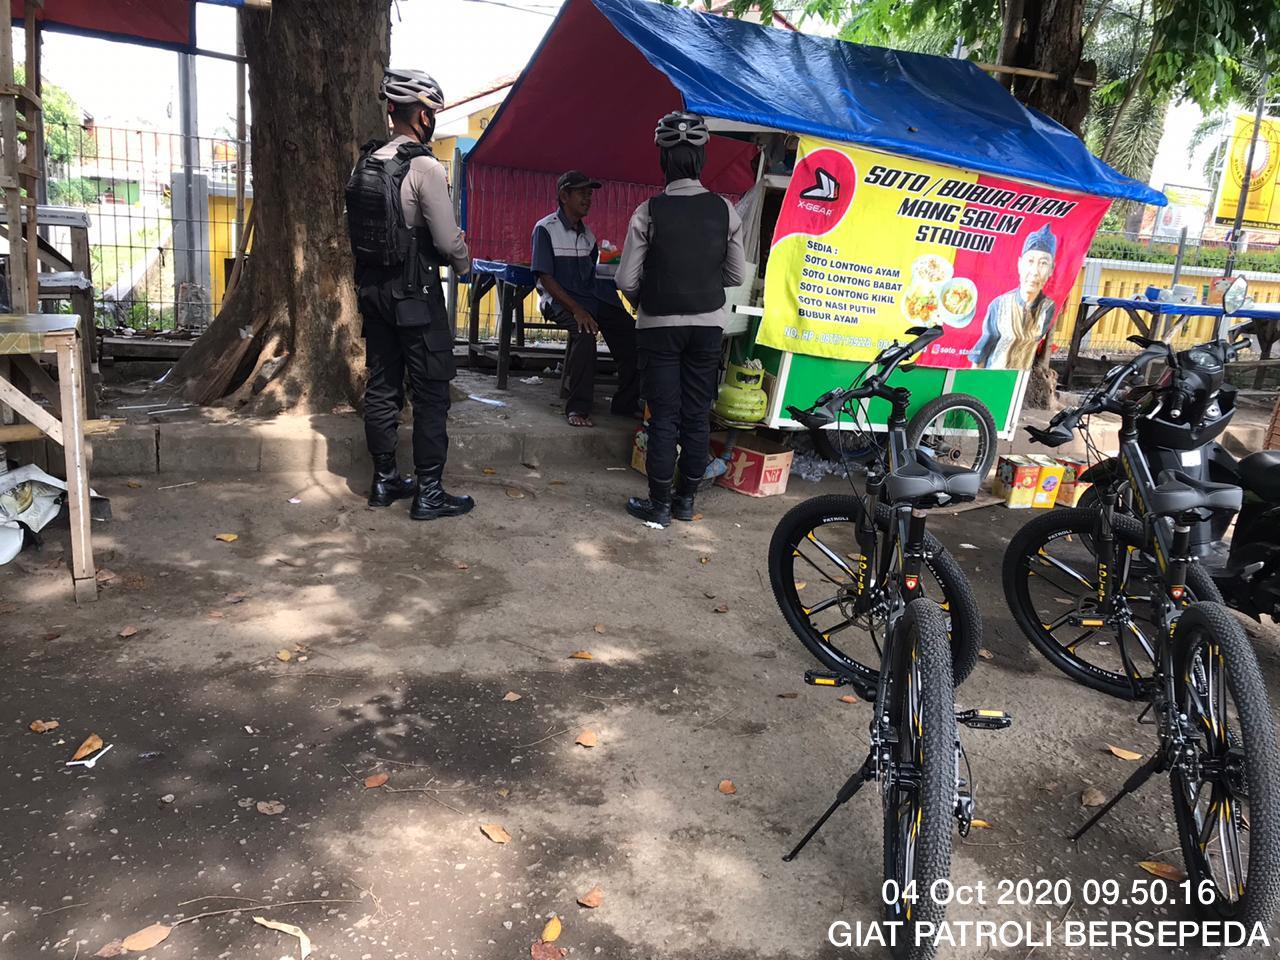 Sambil Bersepeda, Personel Ditsamapta Polda Banten Berikan Himbauan Kepada Masyarakat